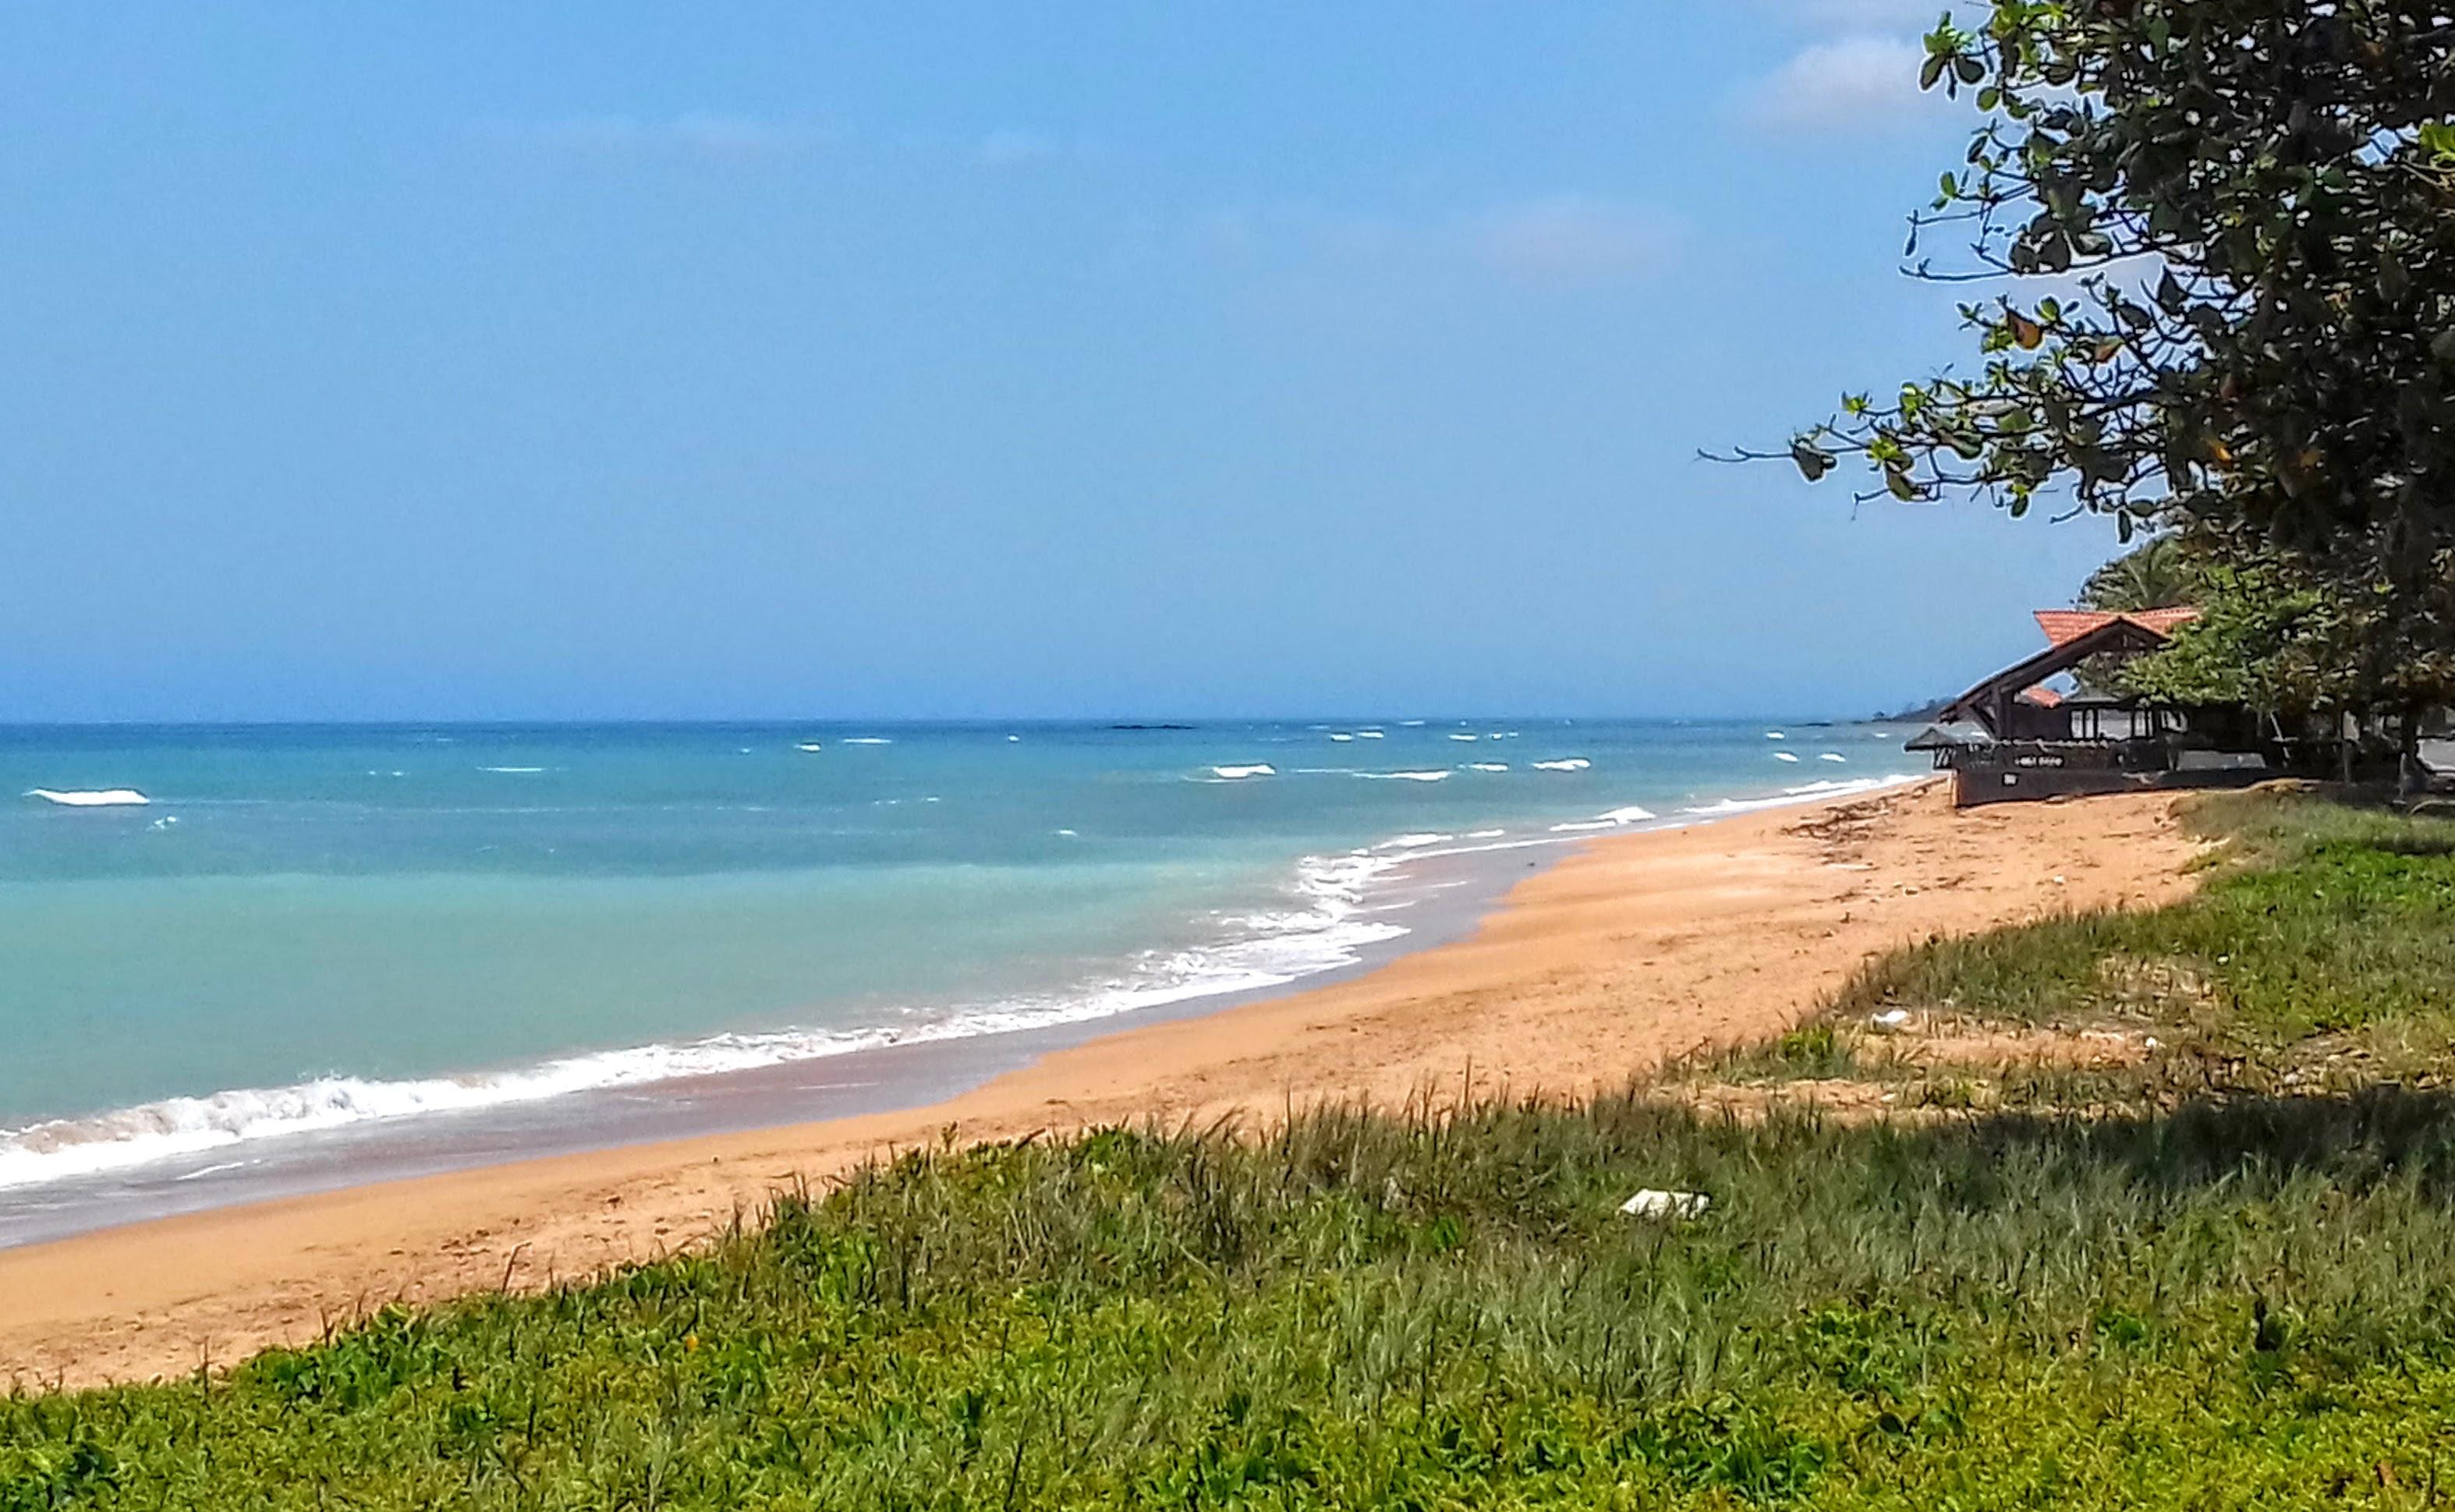 5 praias que fazem qualquer um querer morar em Aracruz: você conhece?